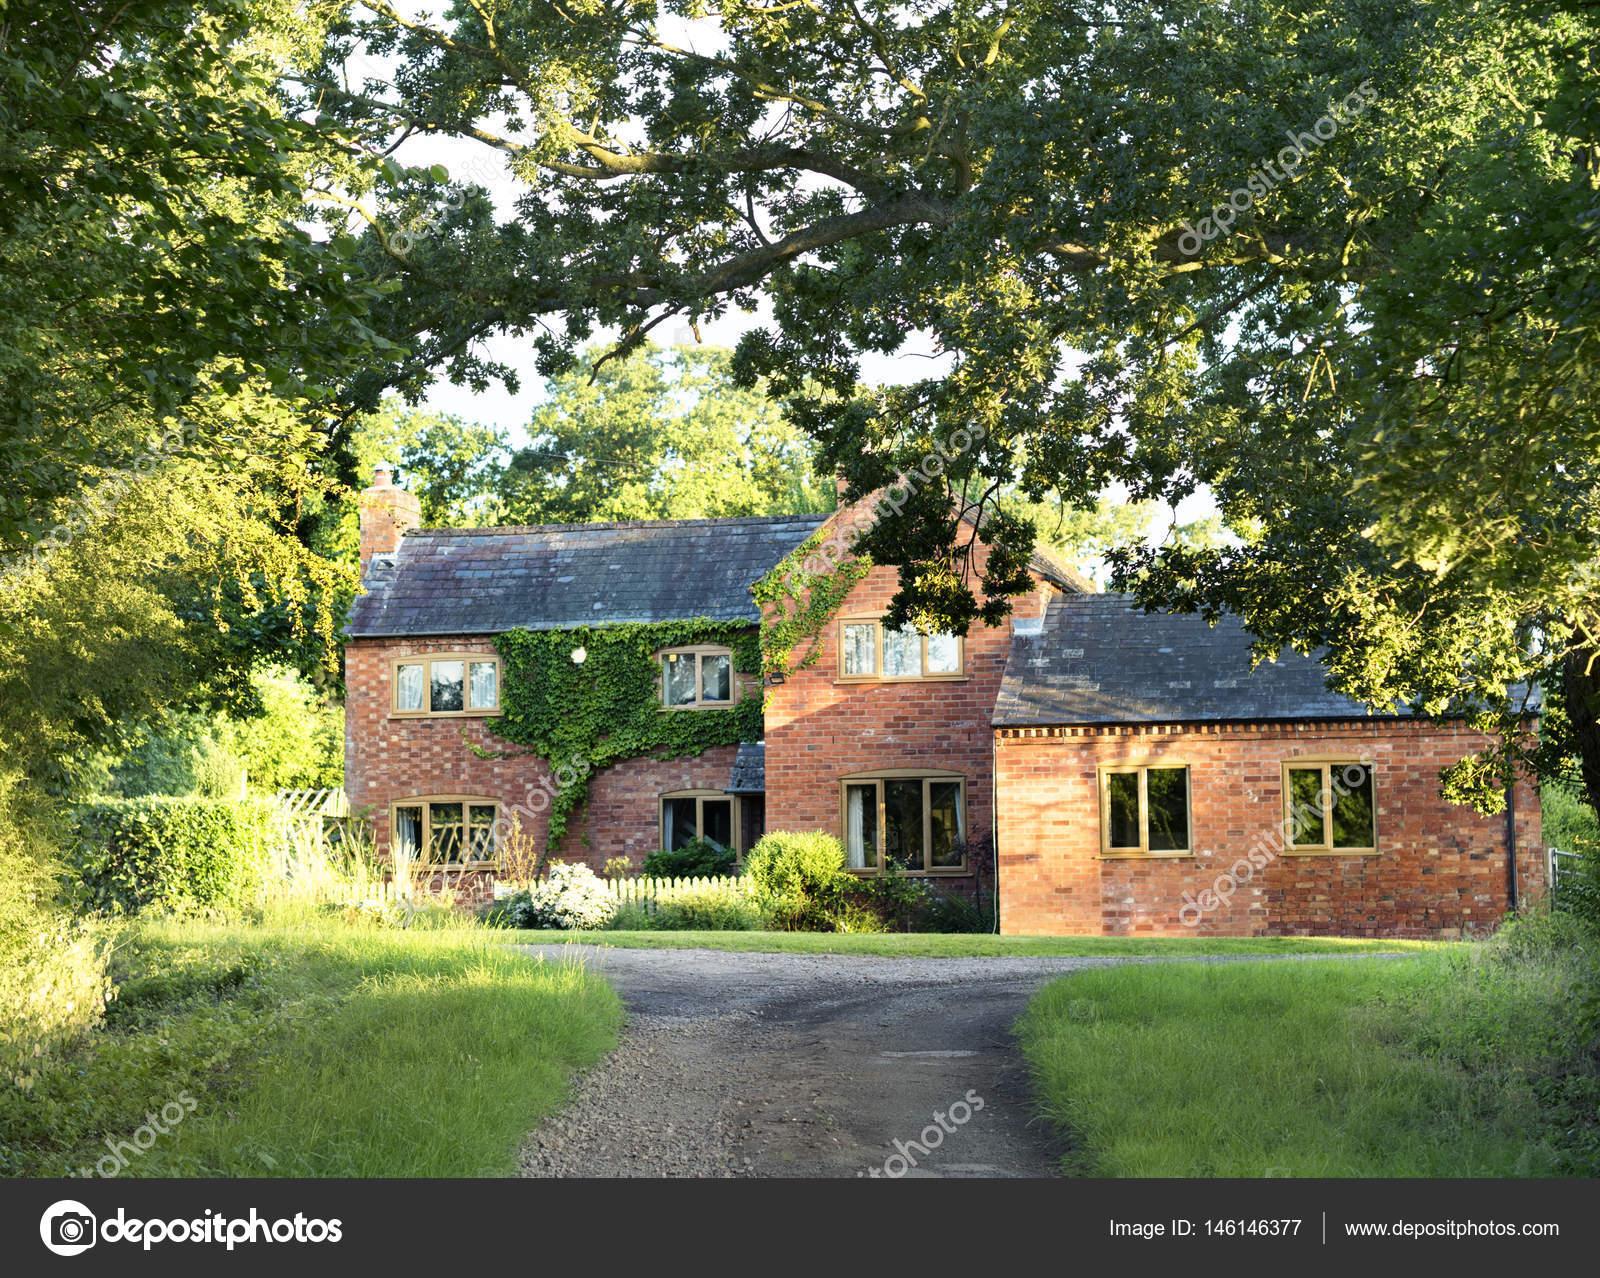 Luxe huis in de zomer u2014 stockfoto © rawpixel #146146377